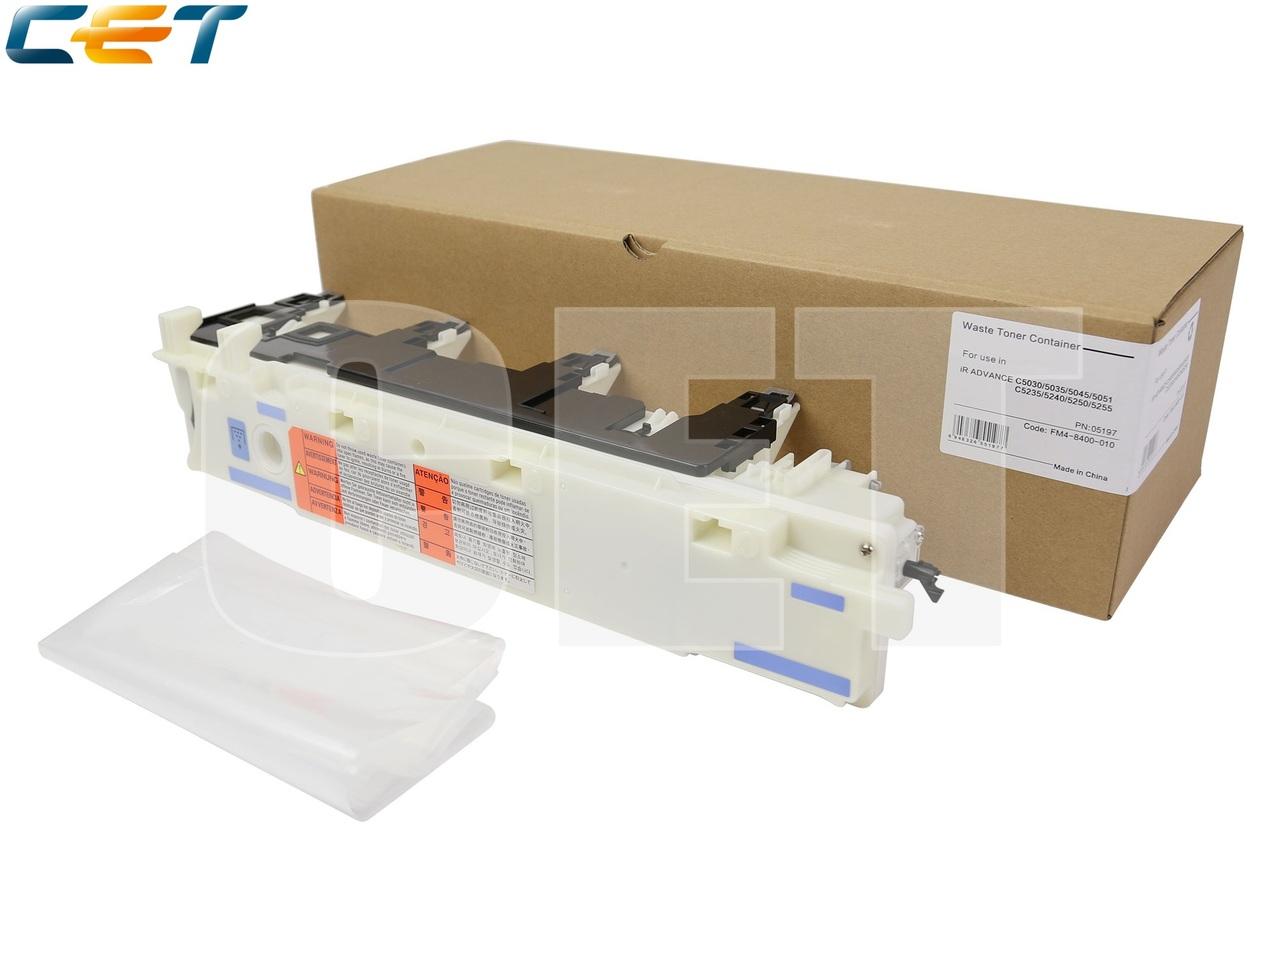 Бункер отработанного тонера FM4-8400-010, FM3-5945-010для CANON iR ADVANCEC5030/C5035/C5045/C5051/C5235/C5240/C5250/C5255 (CET),CET5197